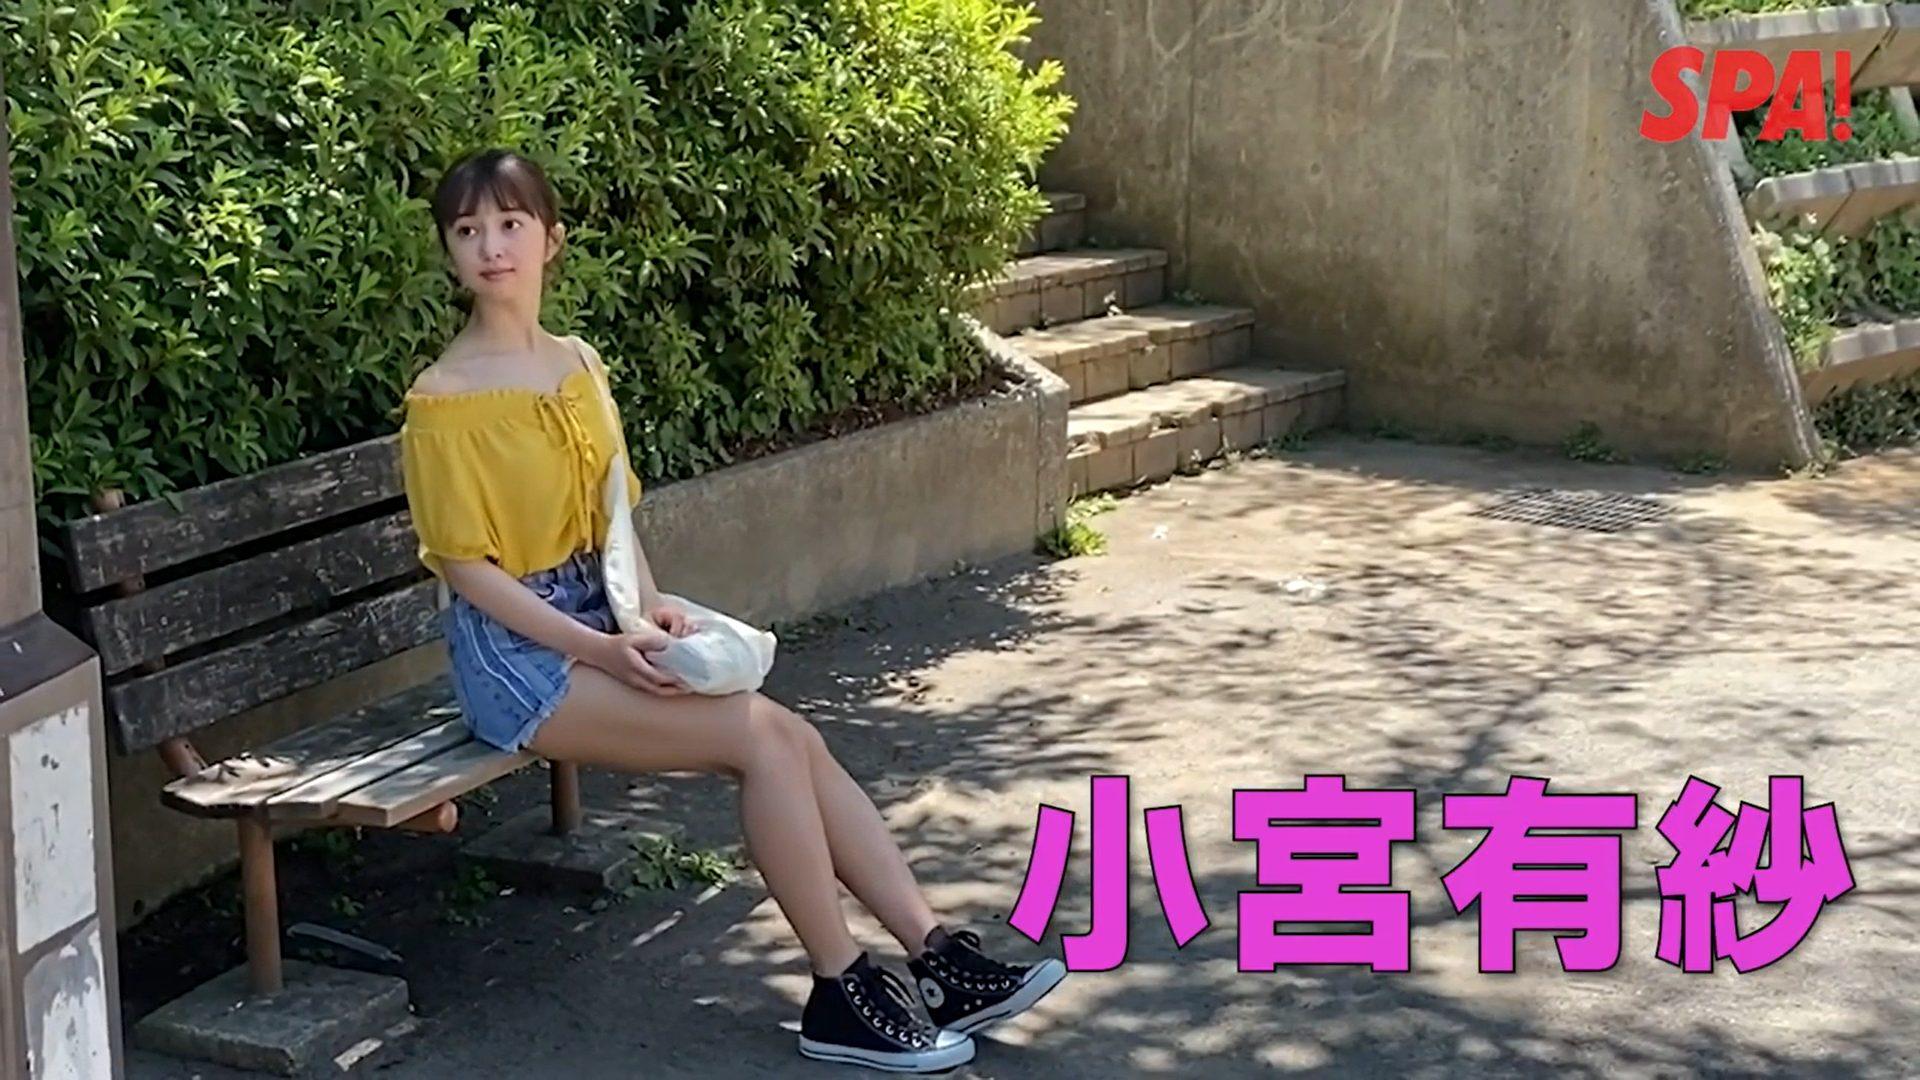 【小宮有紗】-カップ3 SPA!動画!すっぴん!水着姿を披露!